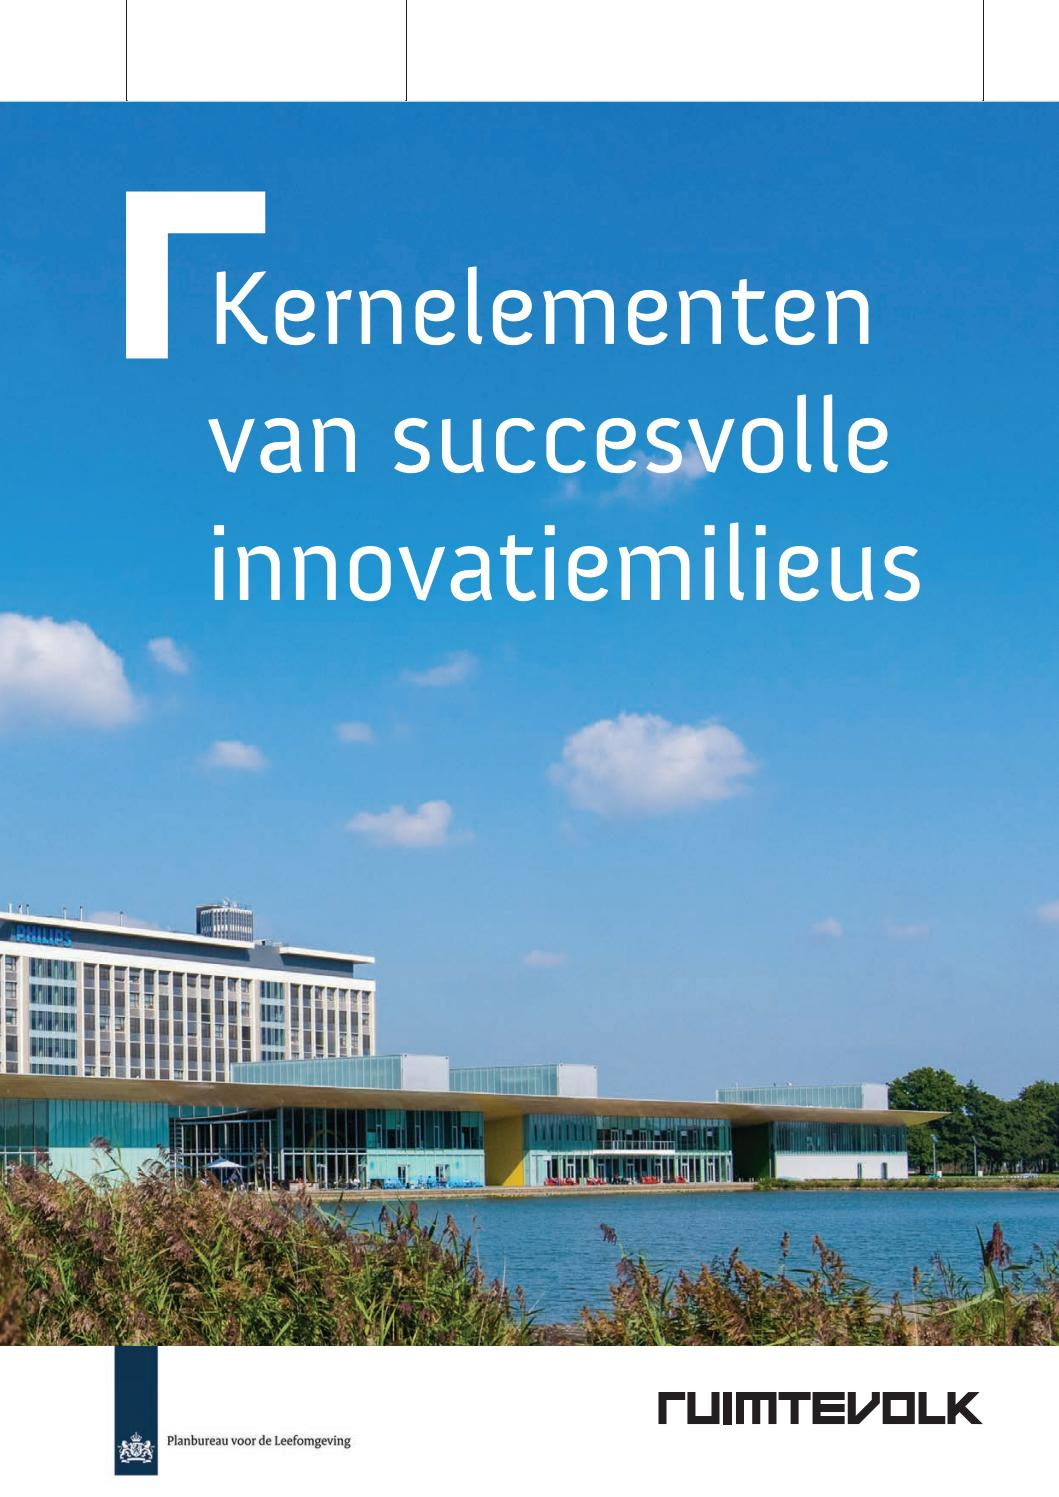 Kernelementen van succesvolle innovatiemilieus